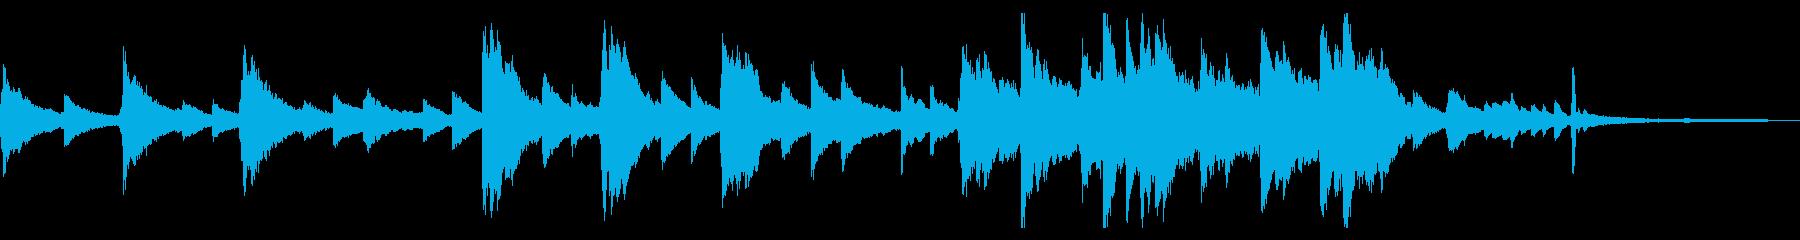 企業VP・CM用 60秒のピアノソロの再生済みの波形